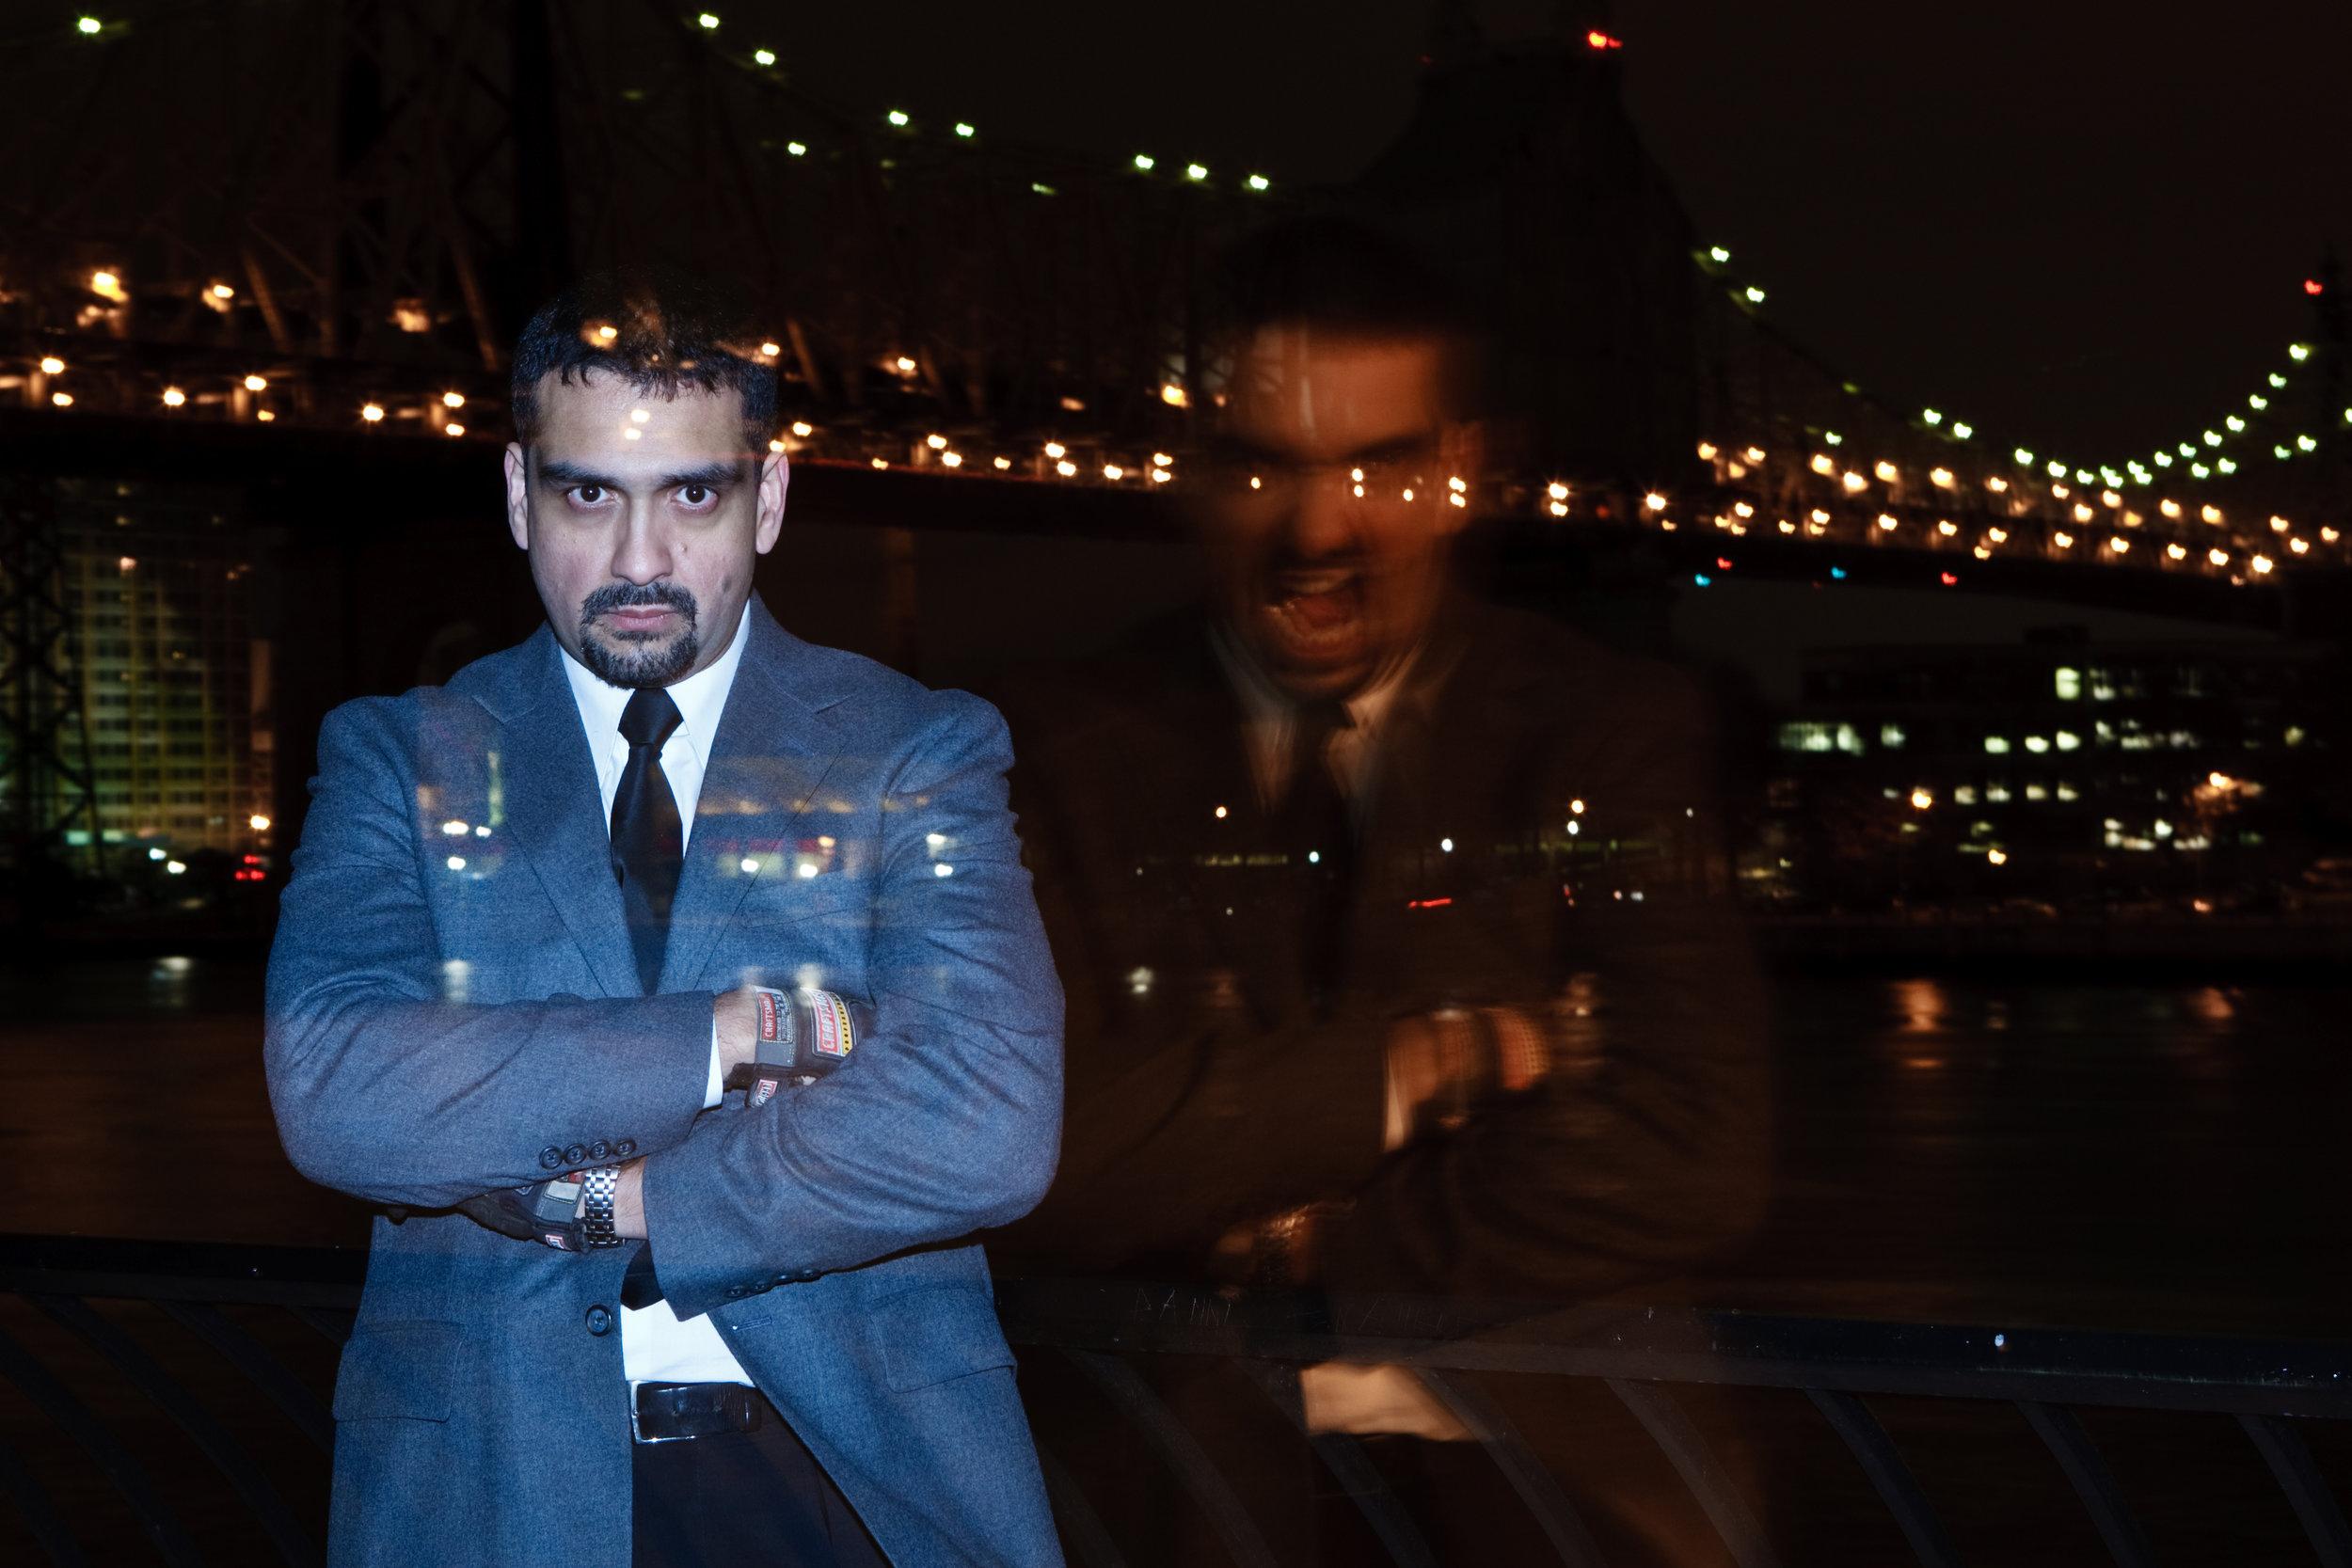 Abe Duque 11-26-08 0210.jpg